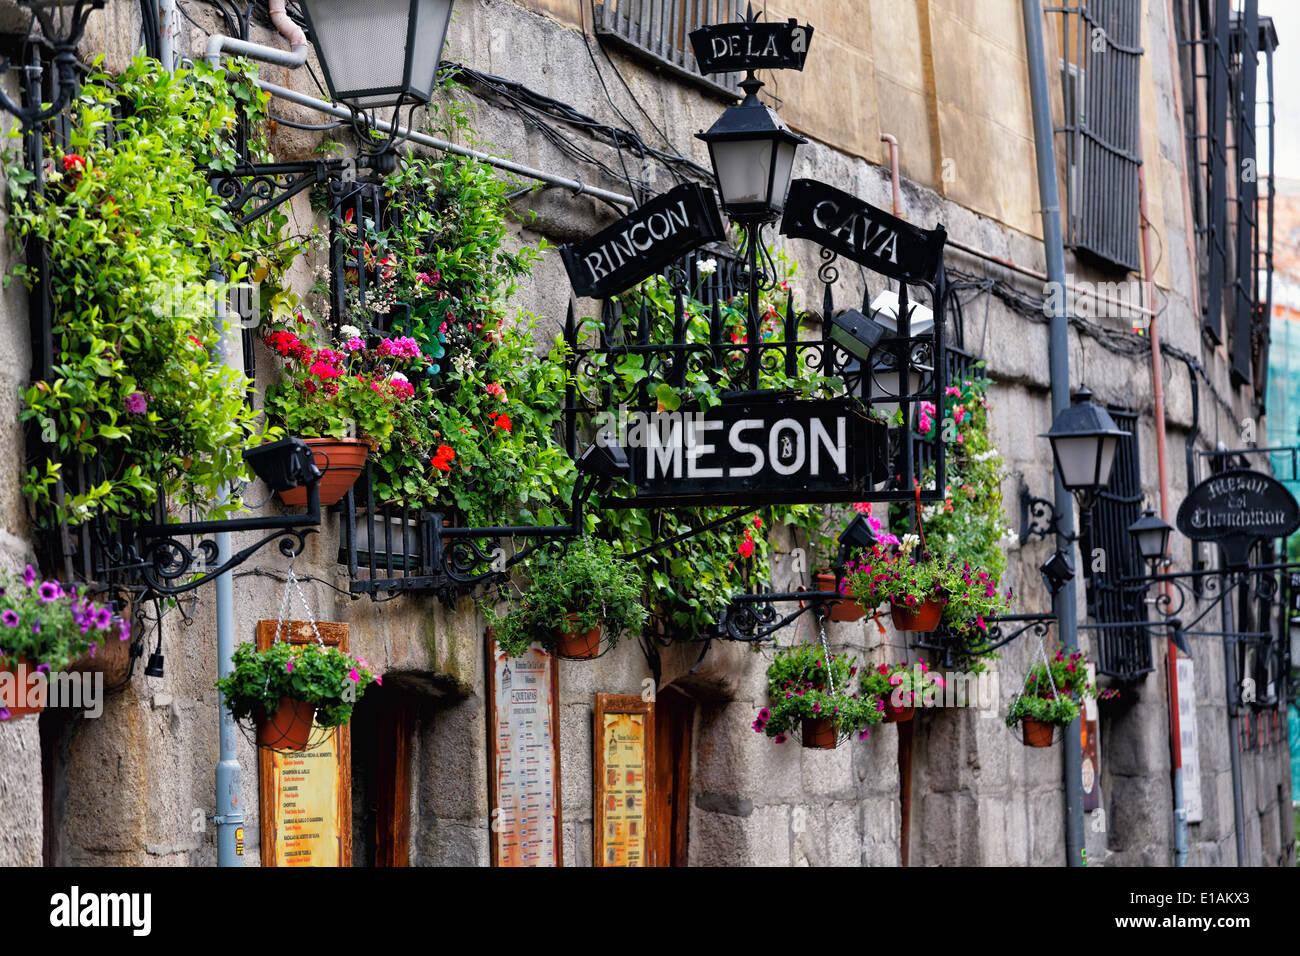 Eintritt Zeichen von Tapas Restaurant Mesón Rincón De La Cavas, Madrid, Spanien. Stockbild